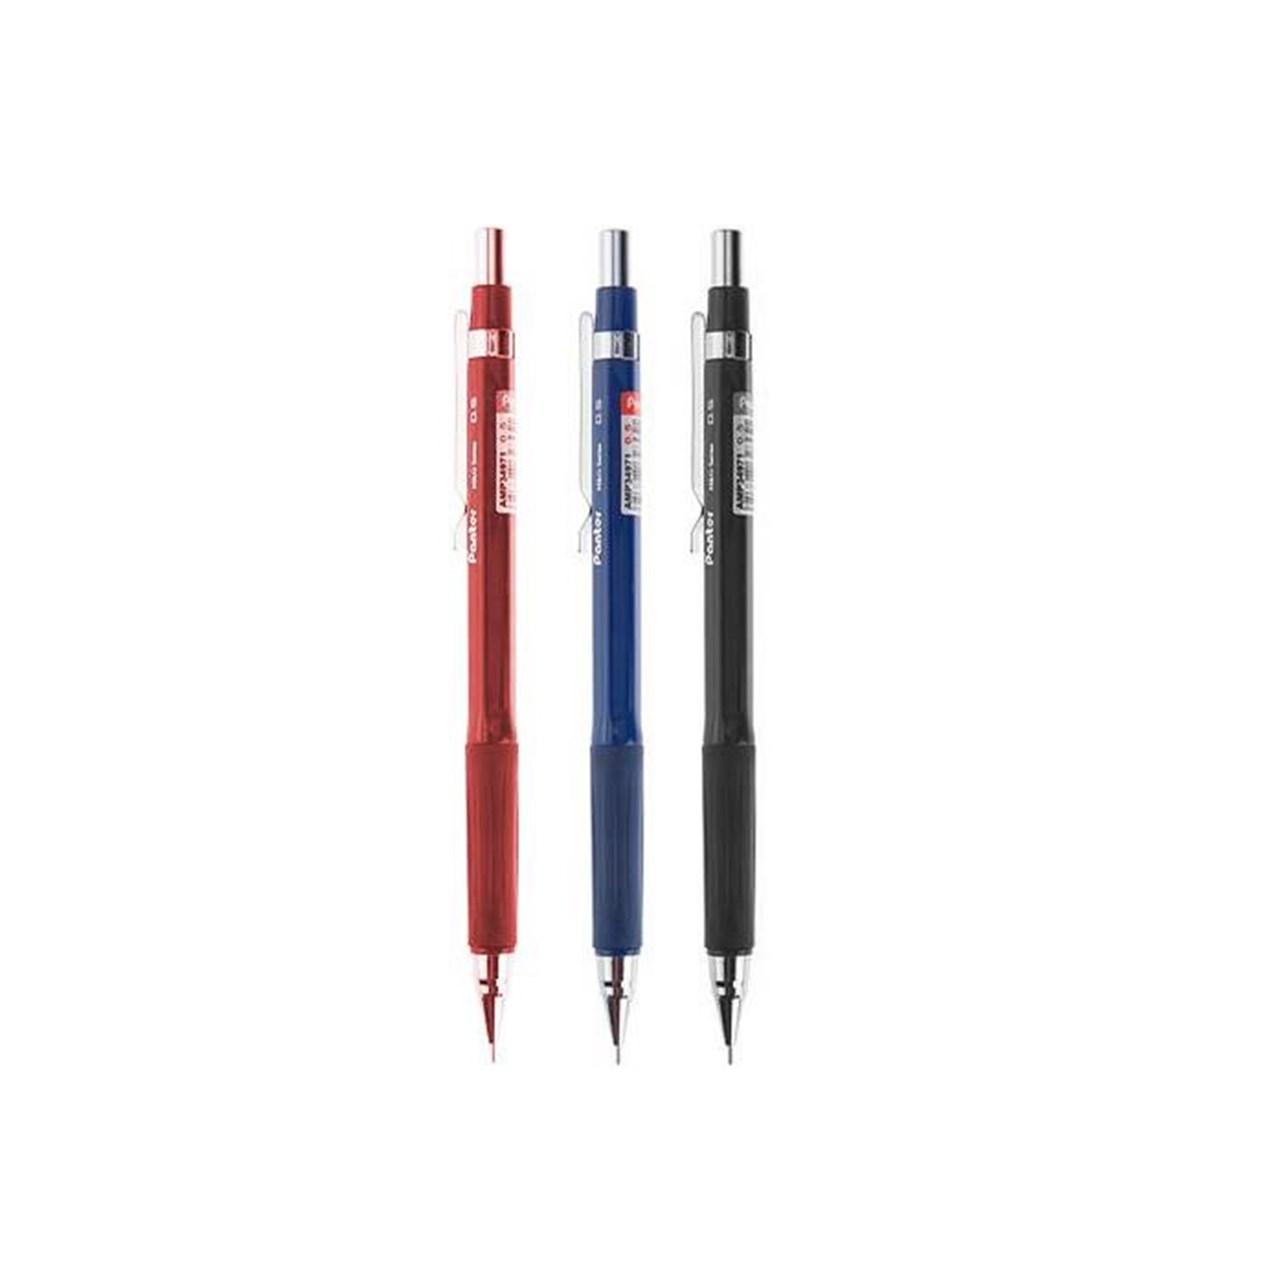 مداد نوکی پنتر مدل Classic مجموعه 3 عددی